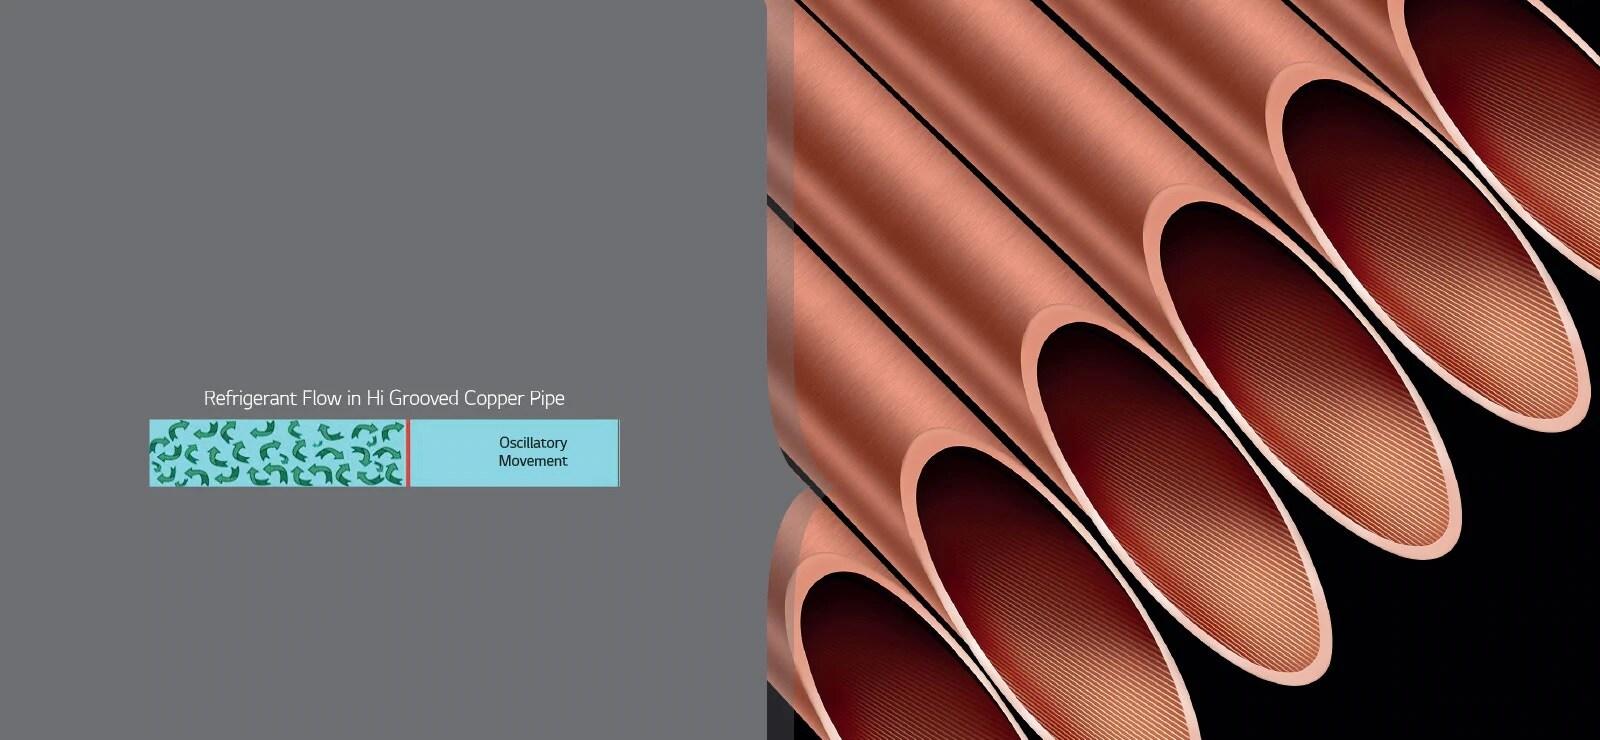 LG MS-Q18JNZA Hi-Grooved Copper